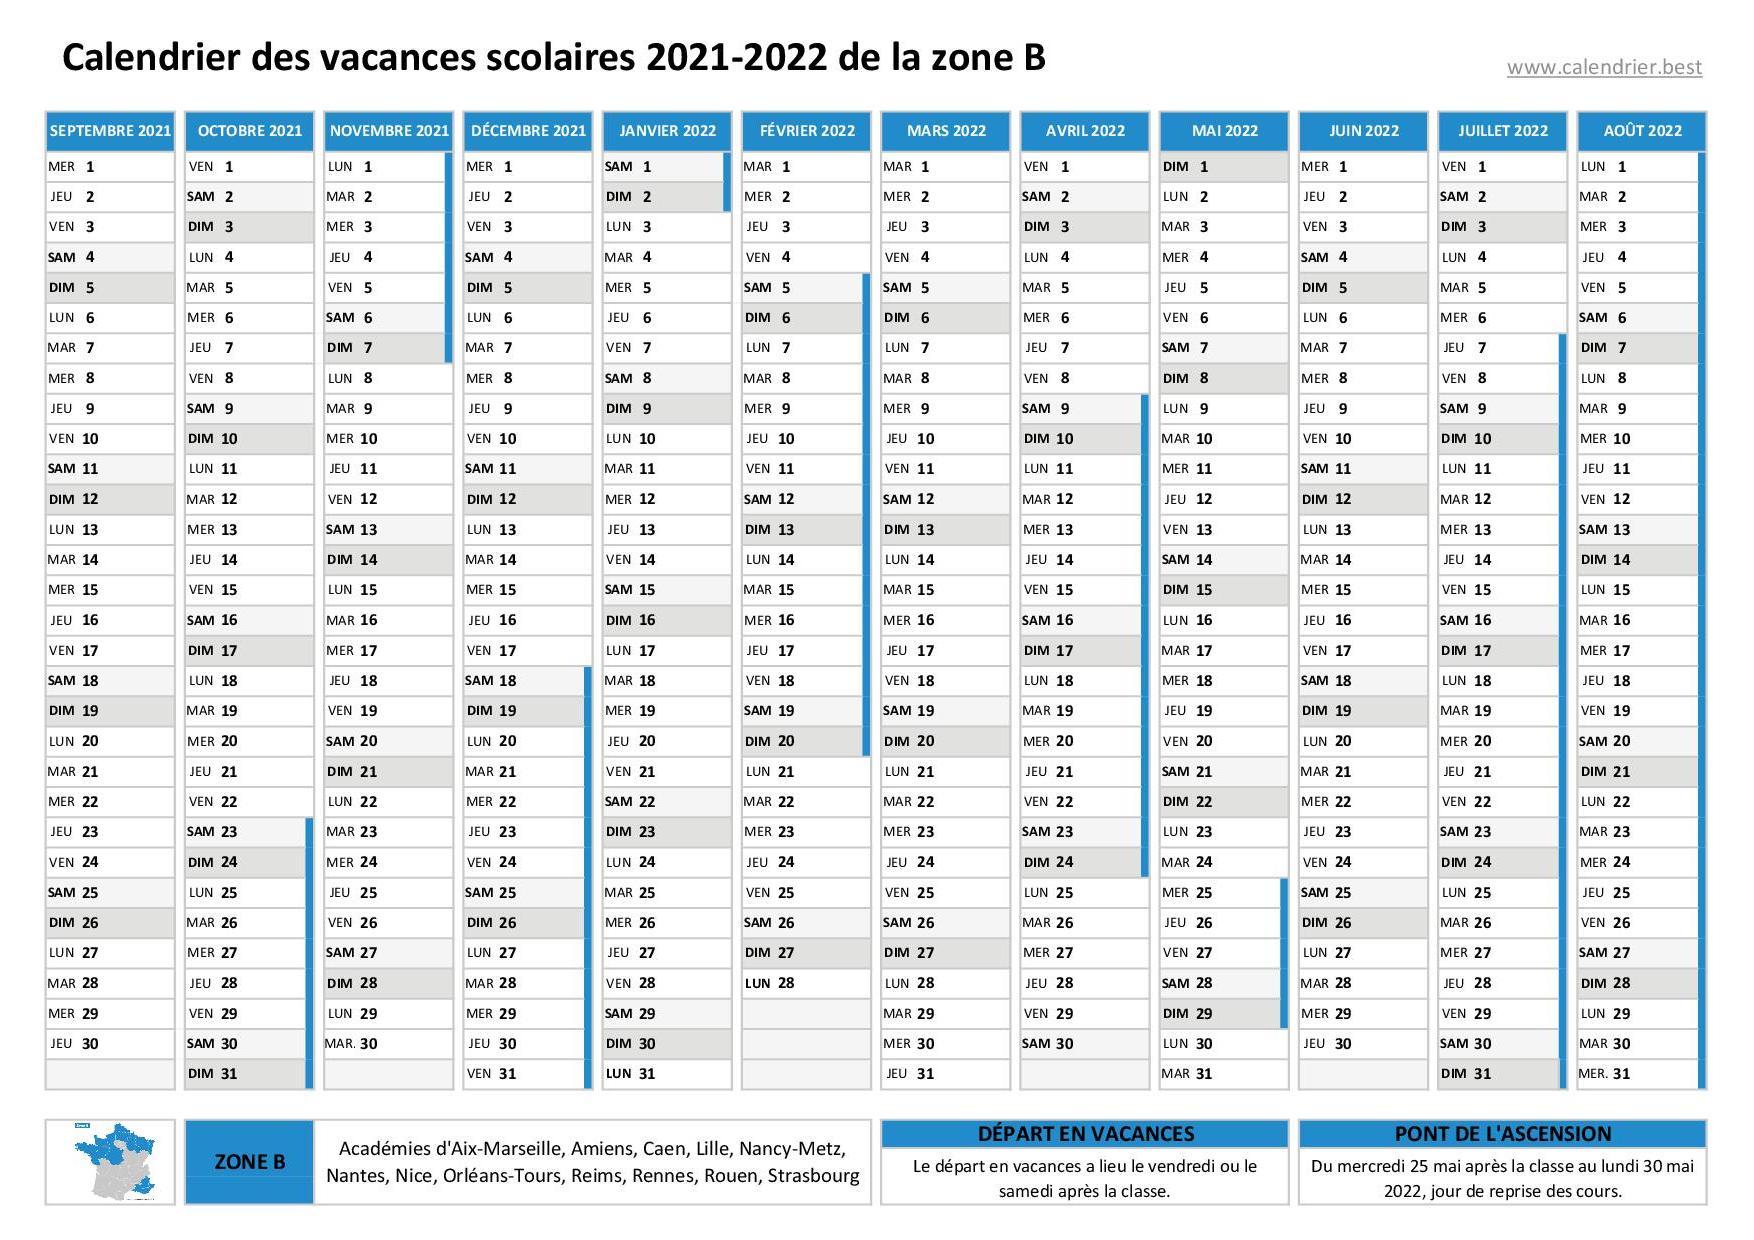 Calendrier Scolaire 2022 Lille Vacances scolaires 2020 2021 et 2021 2022 Lille : dates et calendrier